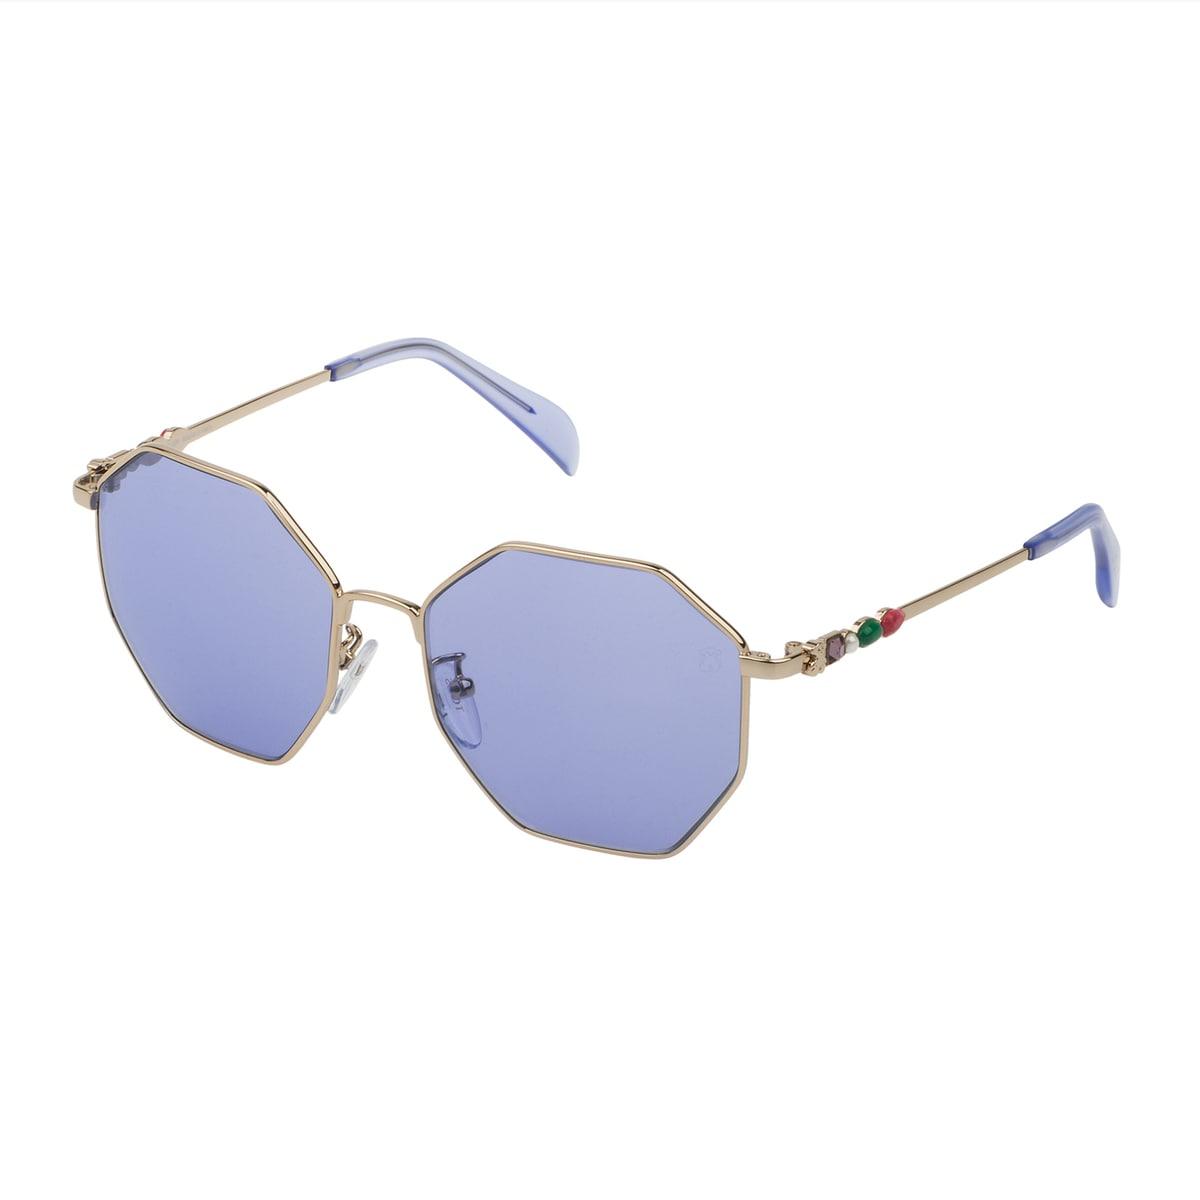 Γυαλιά Ηλίου Jolie Seventies από Μπλε Μέταλλο